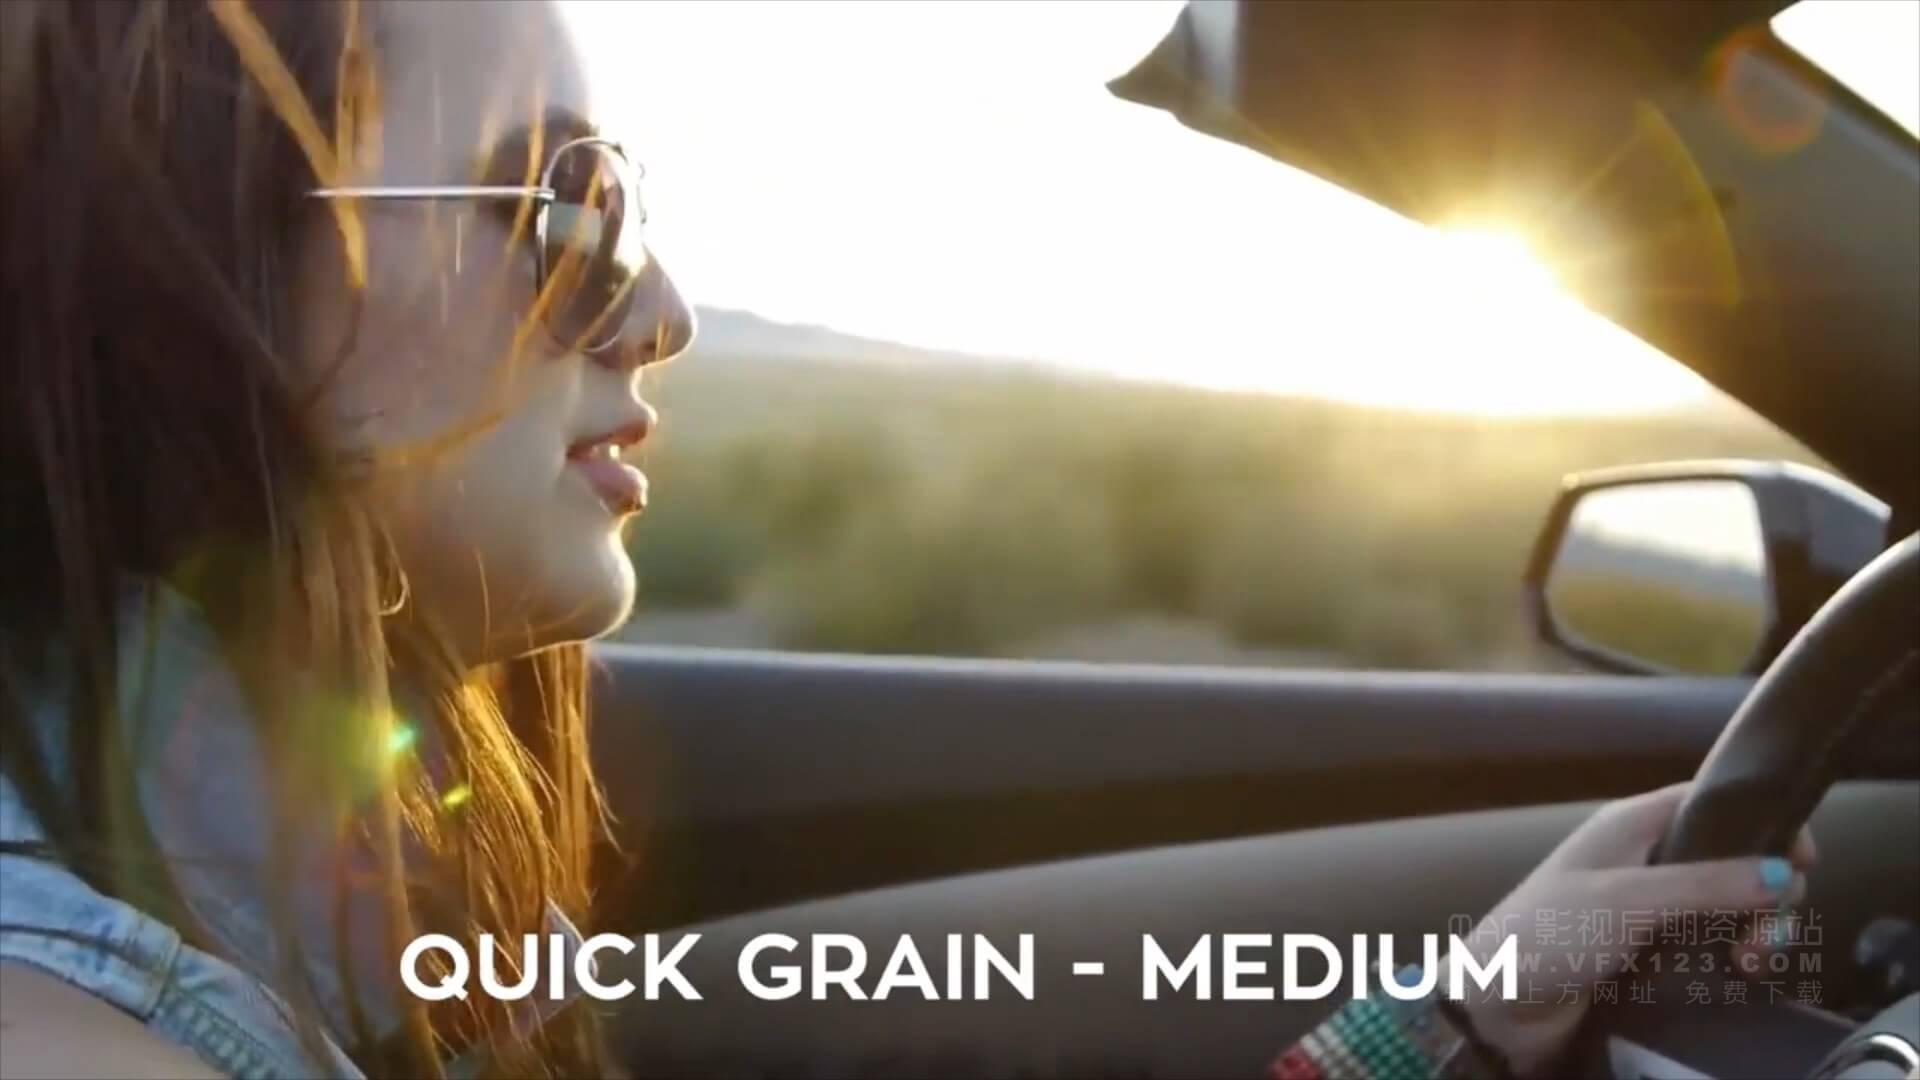 Fcpx插件 vlog视频制作常用转场特效宽银幕调色扭曲复古暗角调节层色彩分离抖音效果等